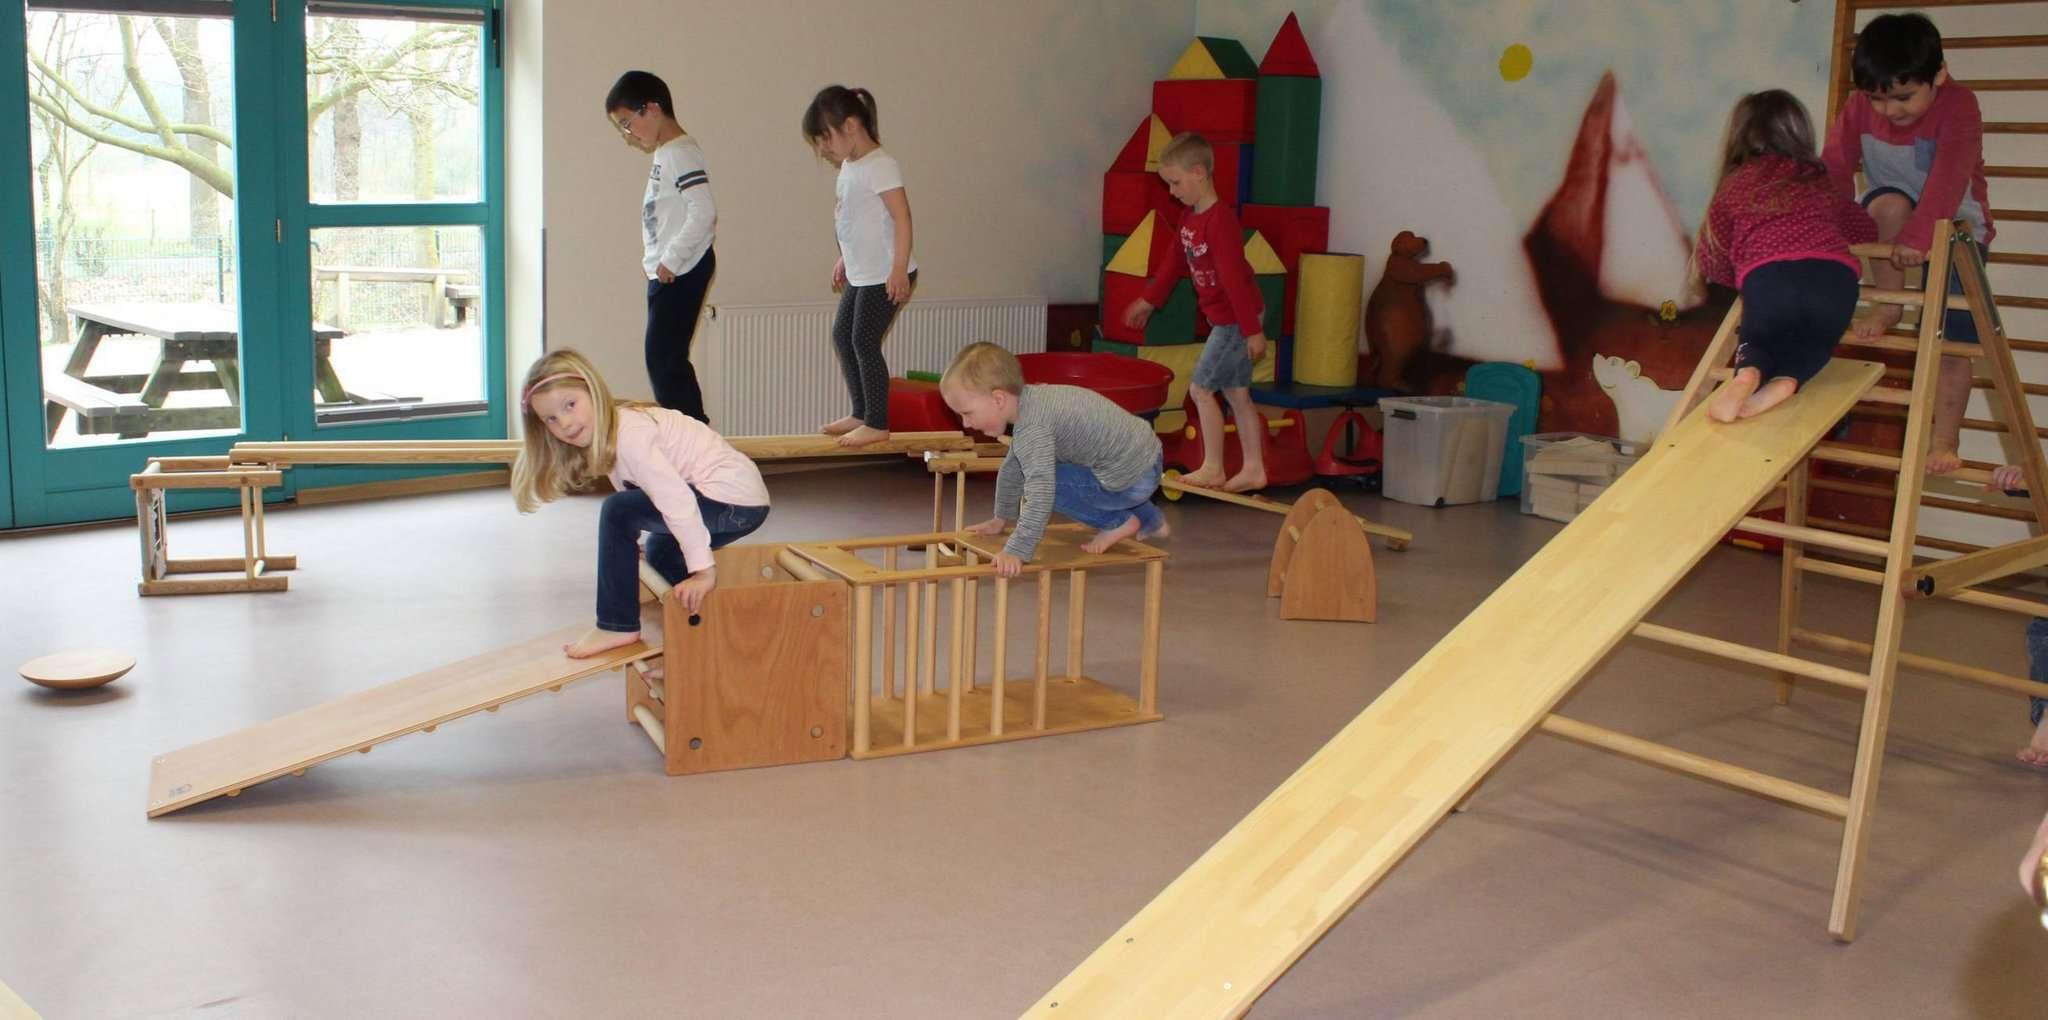 Die Kinder spielen gerne im Bewegungsraum und probieren aus, was sie sich zutrauen. Foto: Ann-Christin Beims